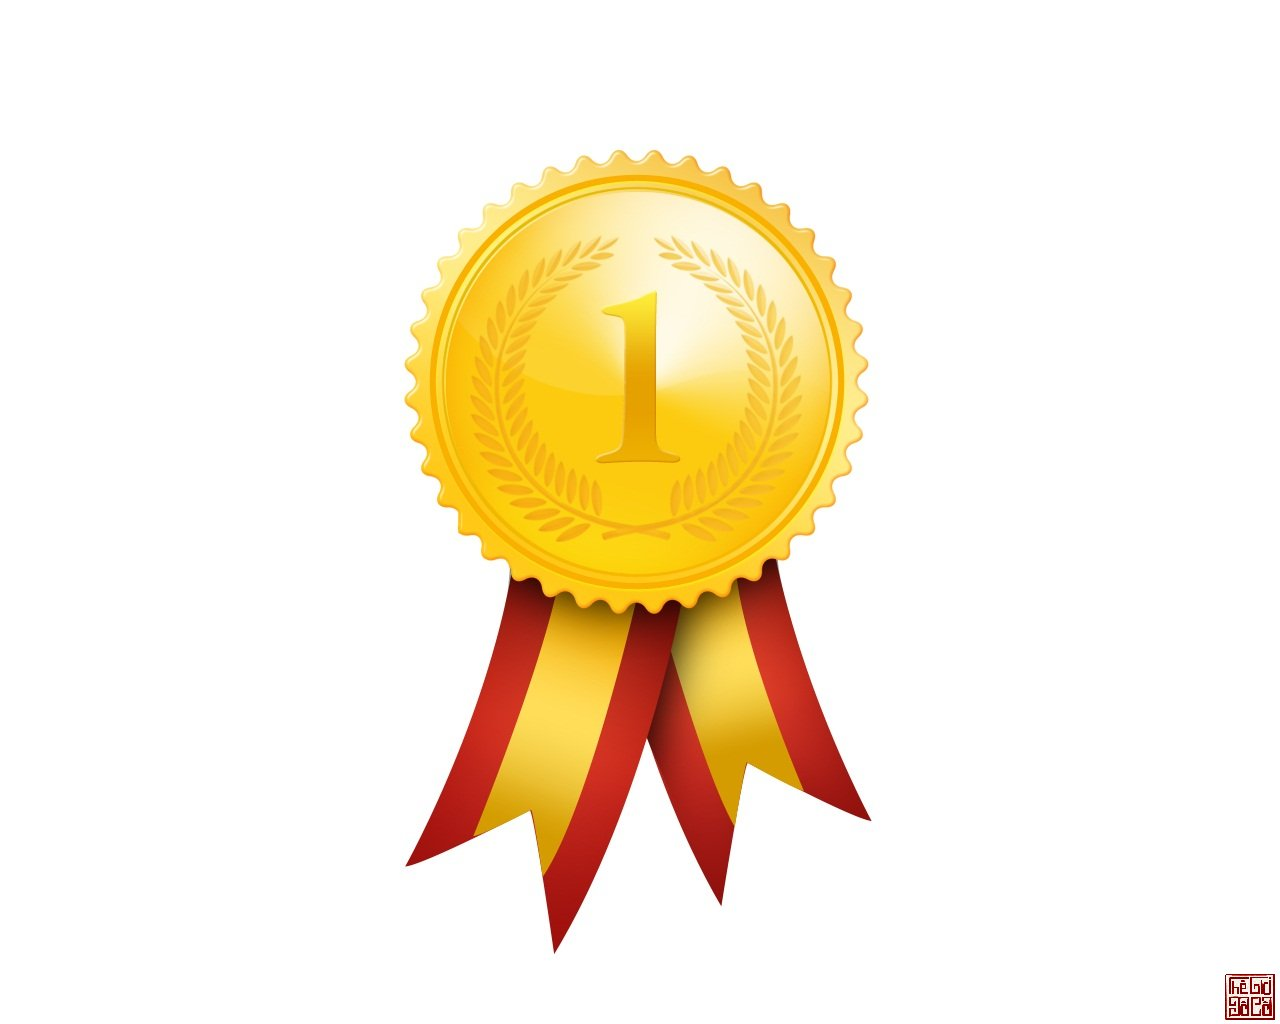 gold-medal_2111111.jpg